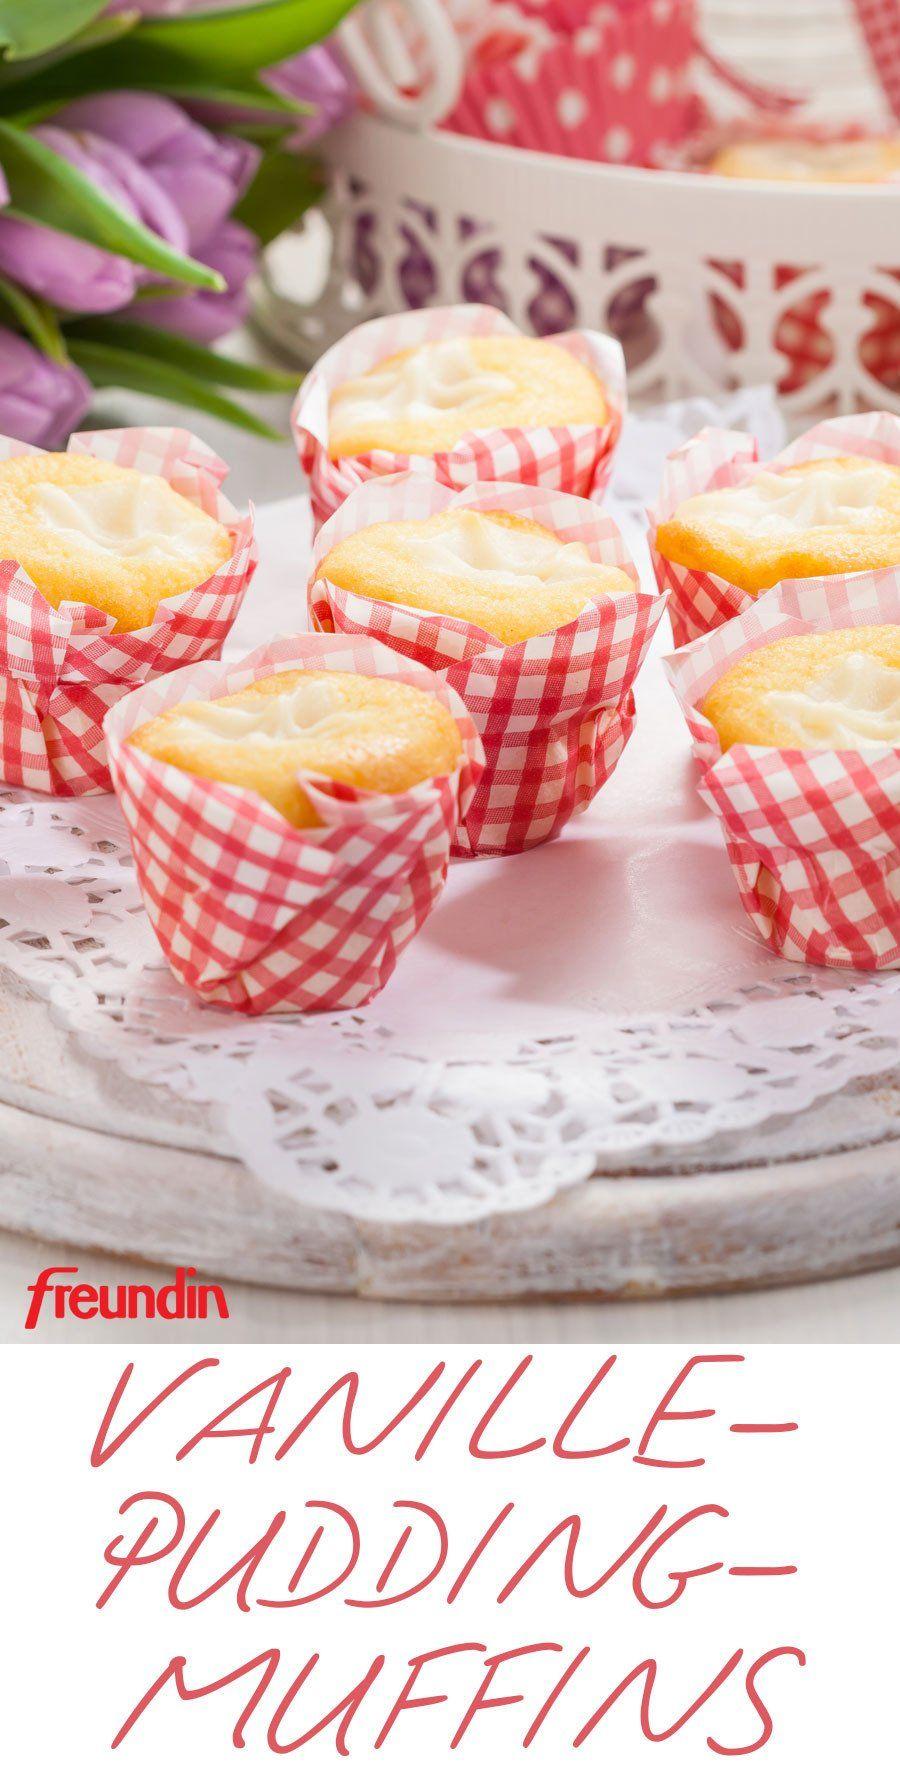 Das beste Rezept fürs Wochenende: Diese Muffins mit Vanillepudding werden Ihnen alle aus den Händen reißen